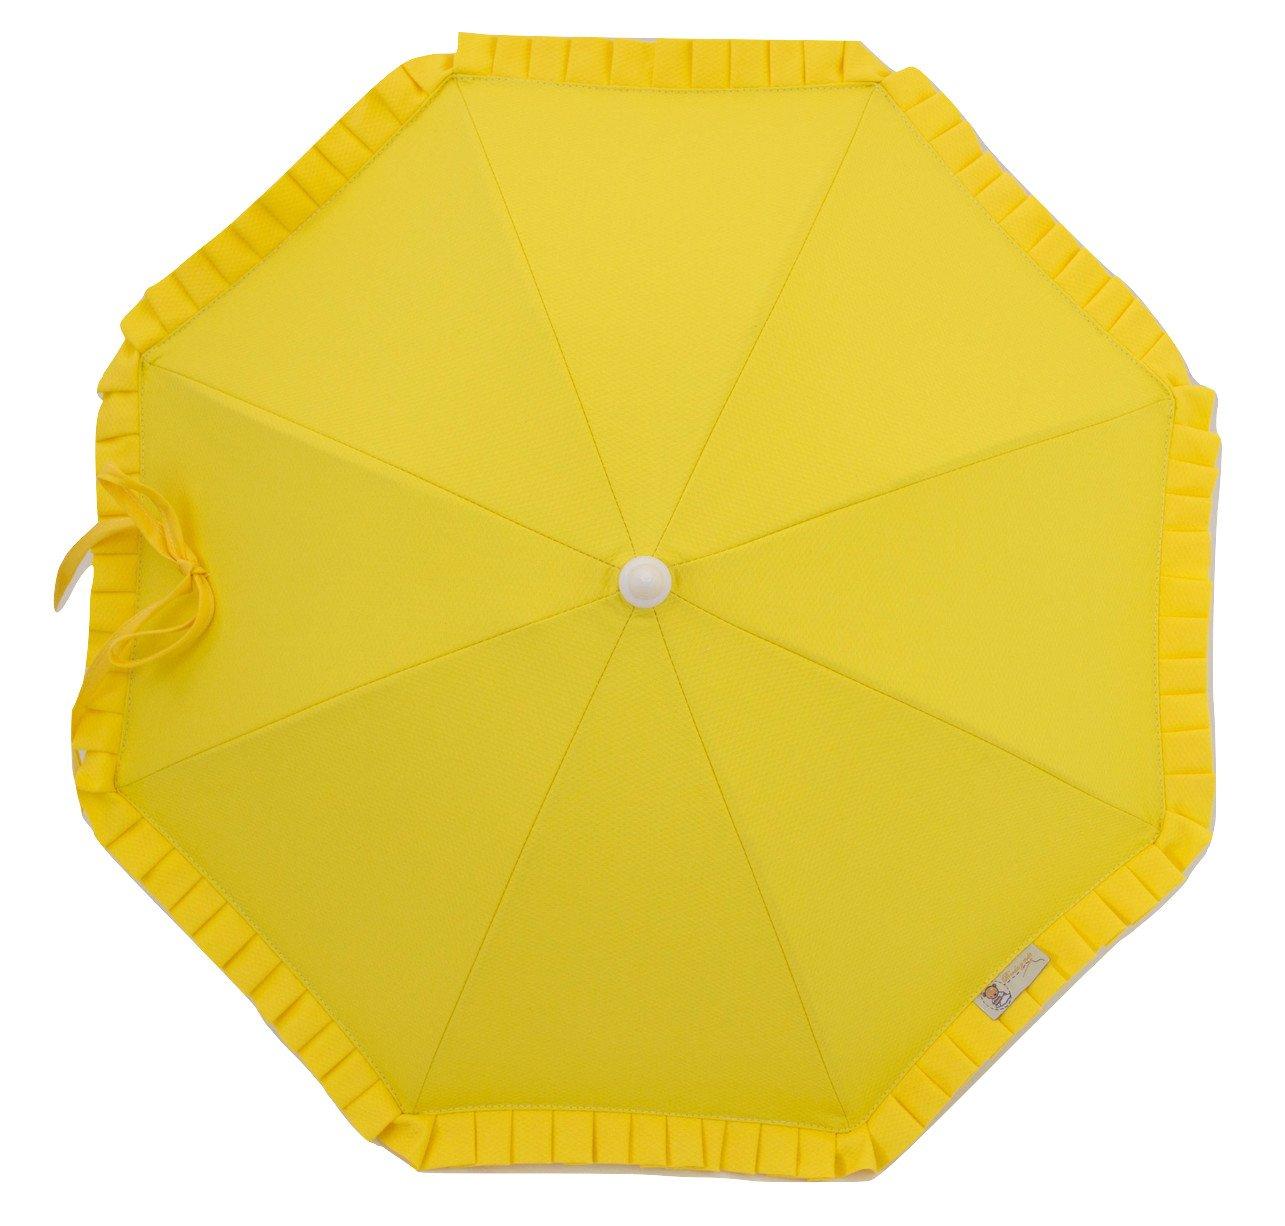 Sombrilla para carrito de bebé con protección solar Anti-UV CERTIFICADA + Flexo Universal. Varios colores disponibles. Fabricada en España (Beige) Borda y más